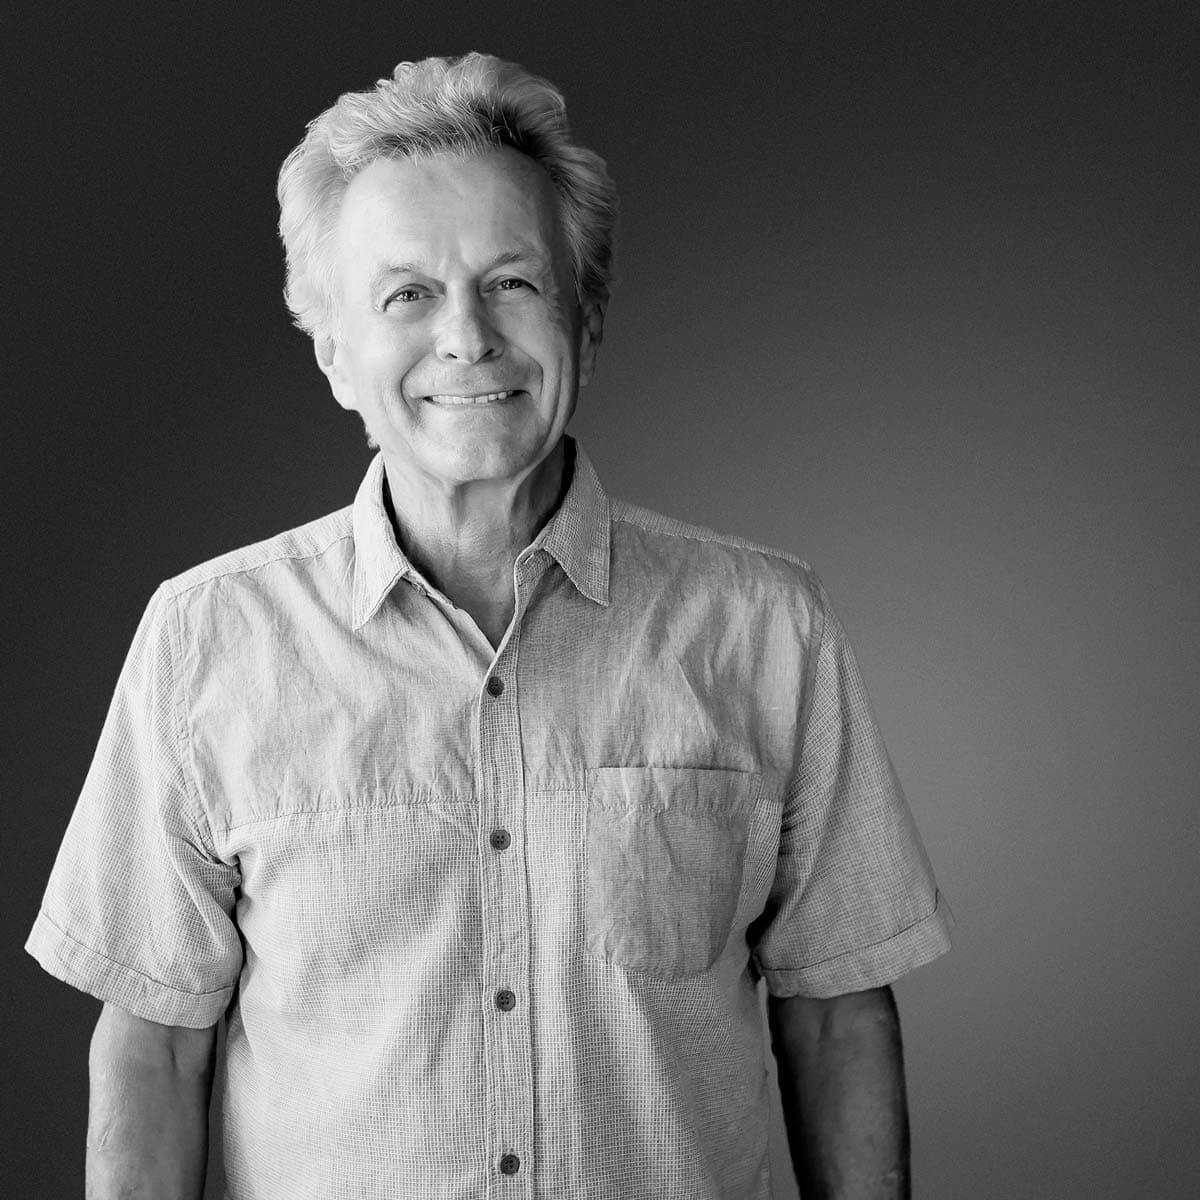 Carl Velleryd